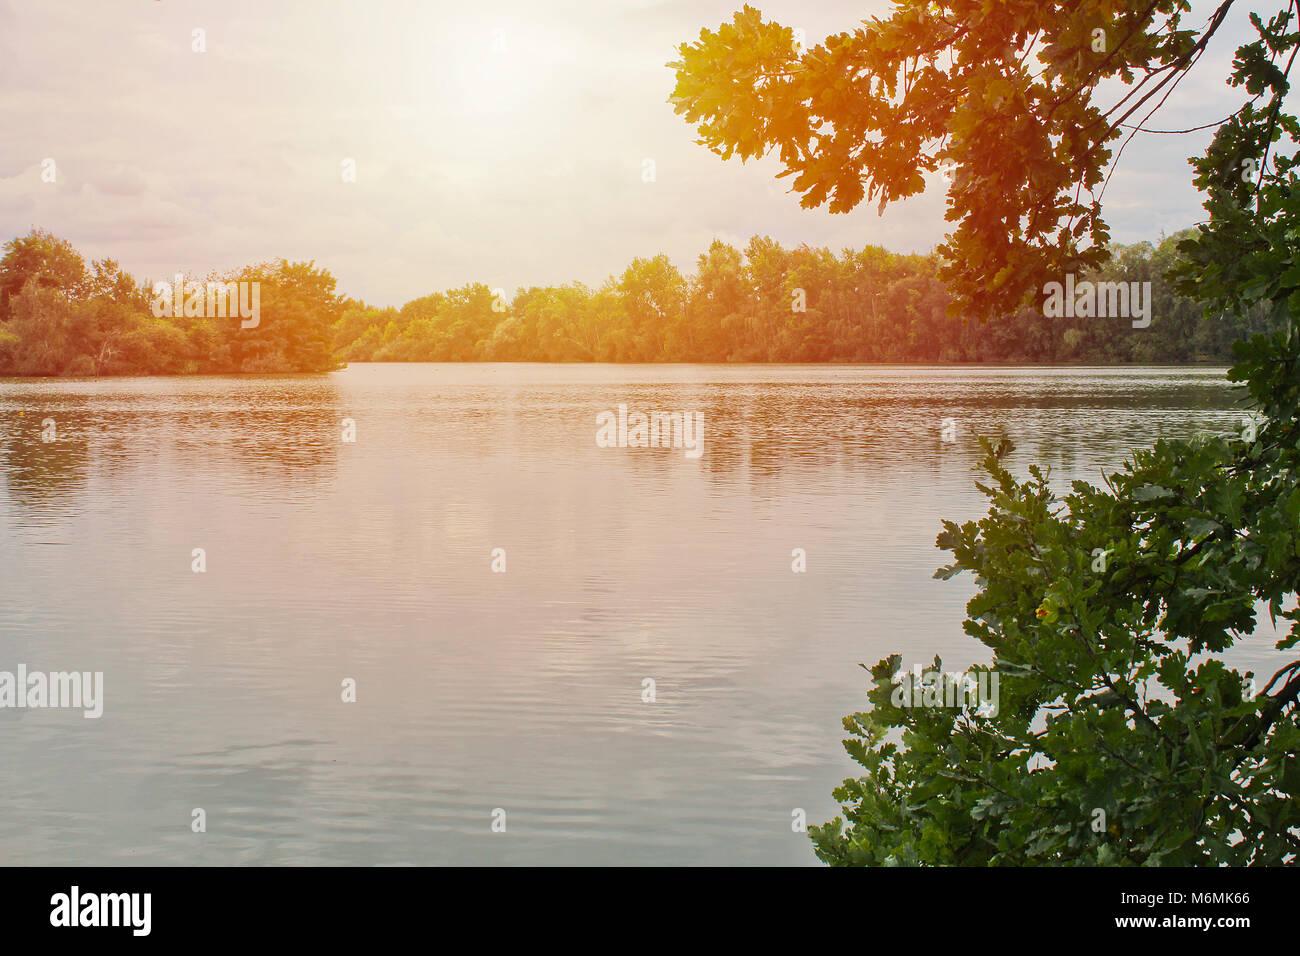 Étang avec des arbres et une forte lumière, paysage tchèque Banque D'Images